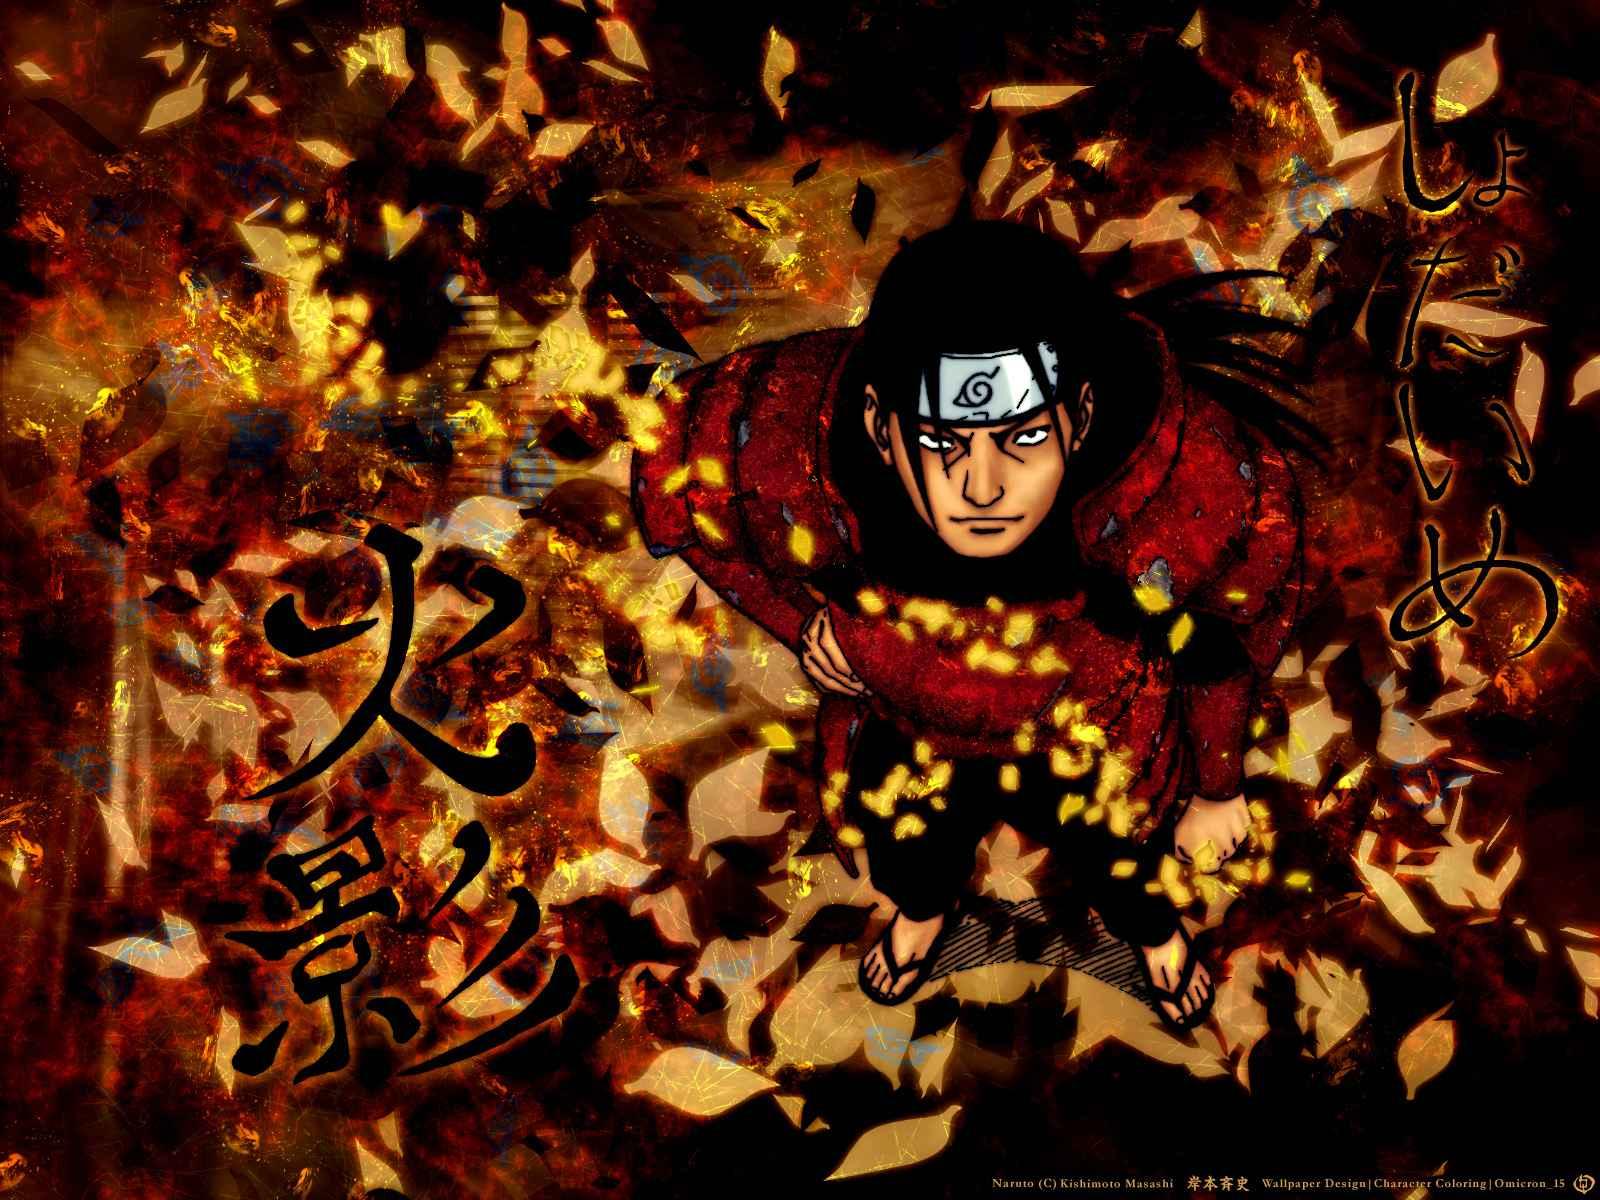 Naruto Hashirama Senju The 1st Hokage Shodaime First Wallpaper 1600x1200 157023 Wallpaperup